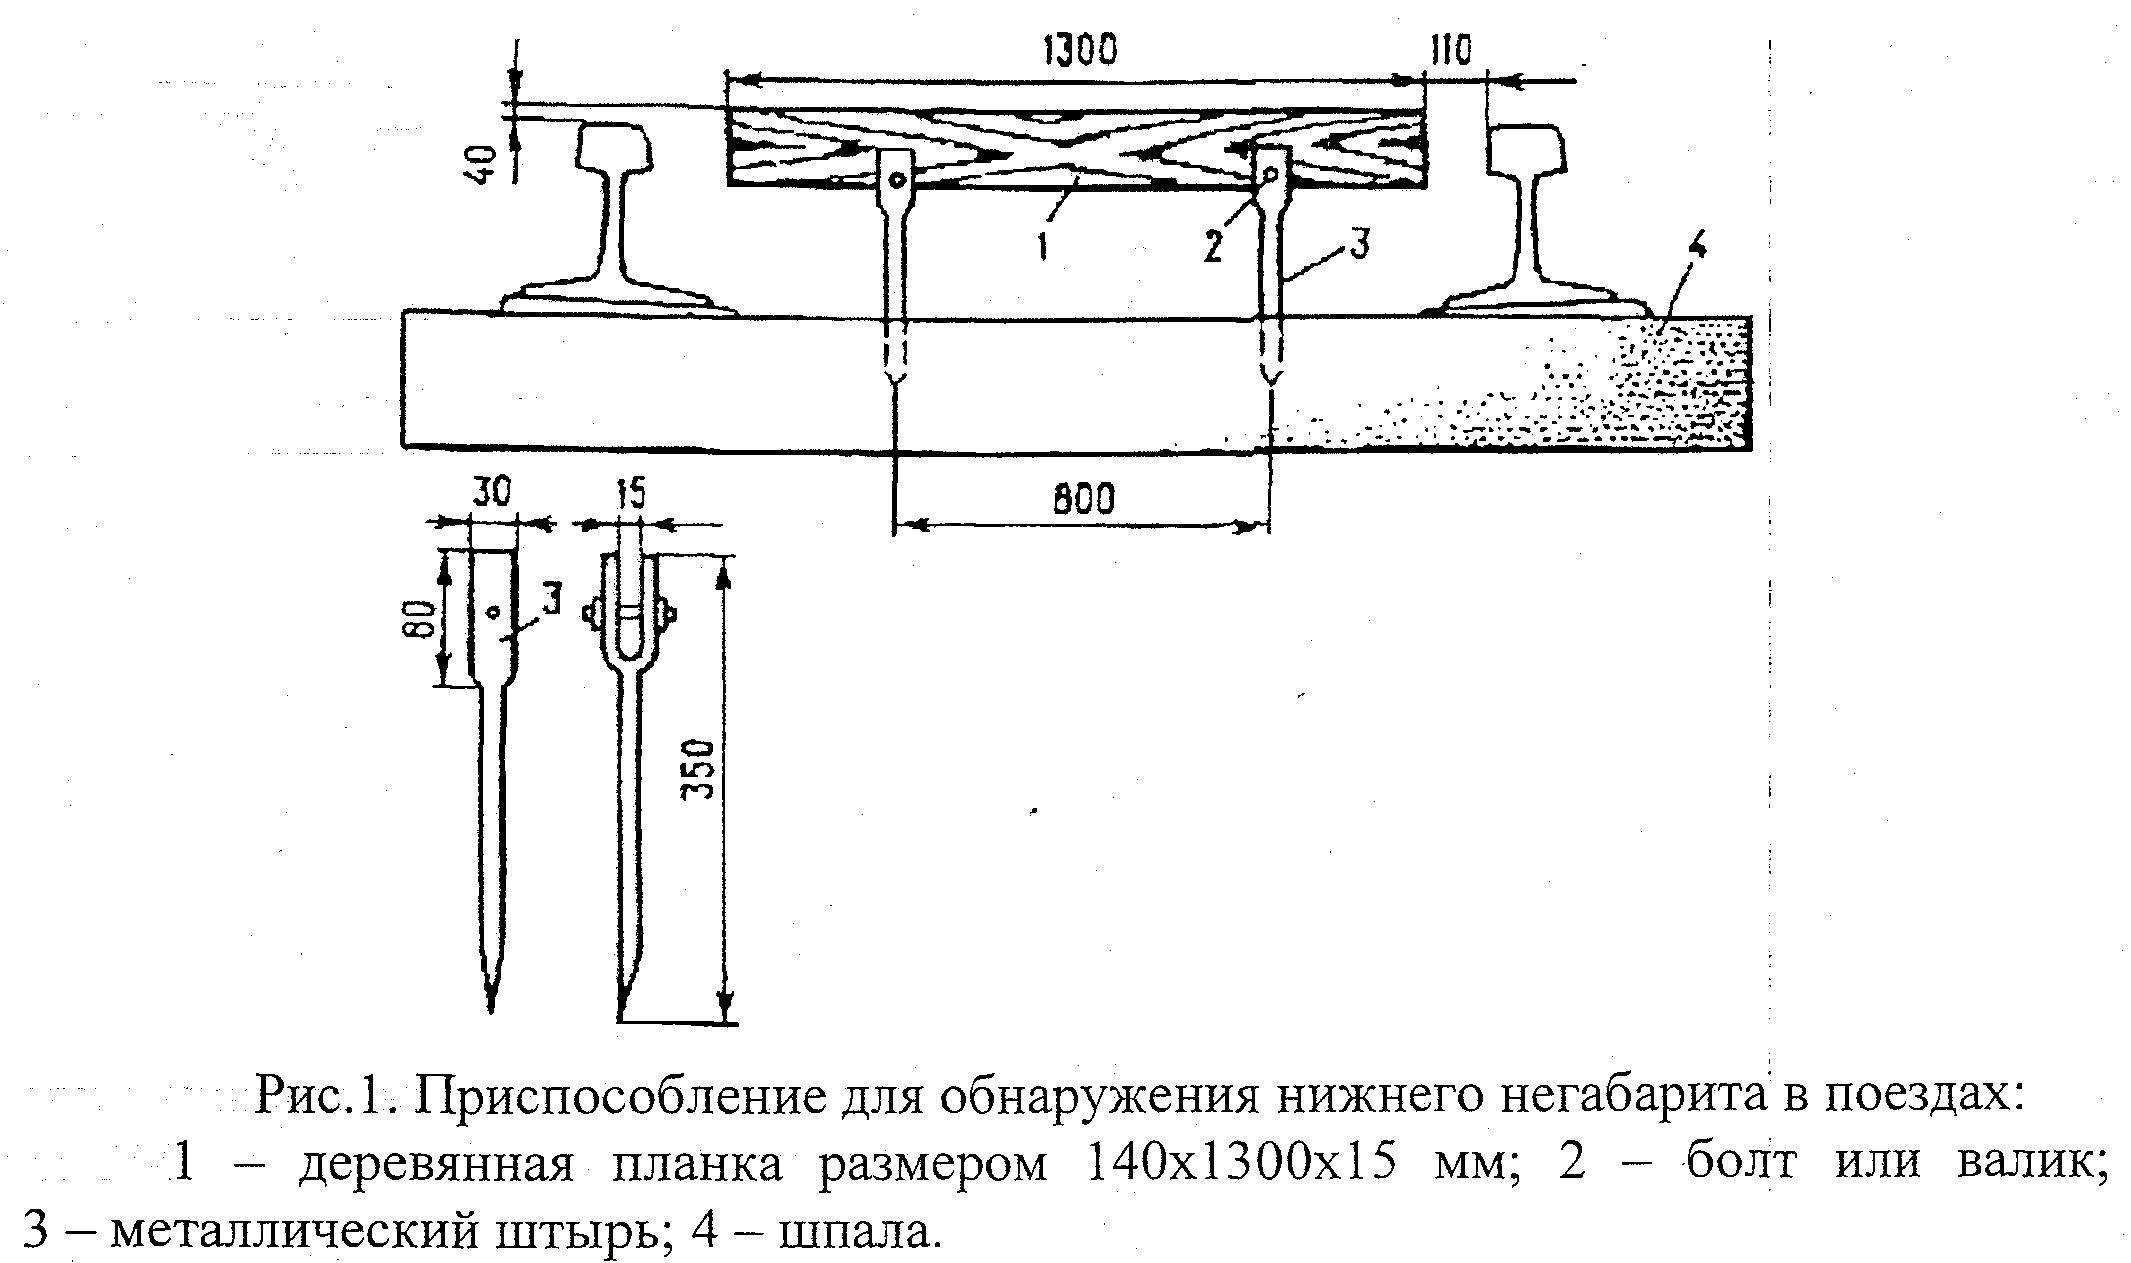 Подвижной состав железных дорог книга